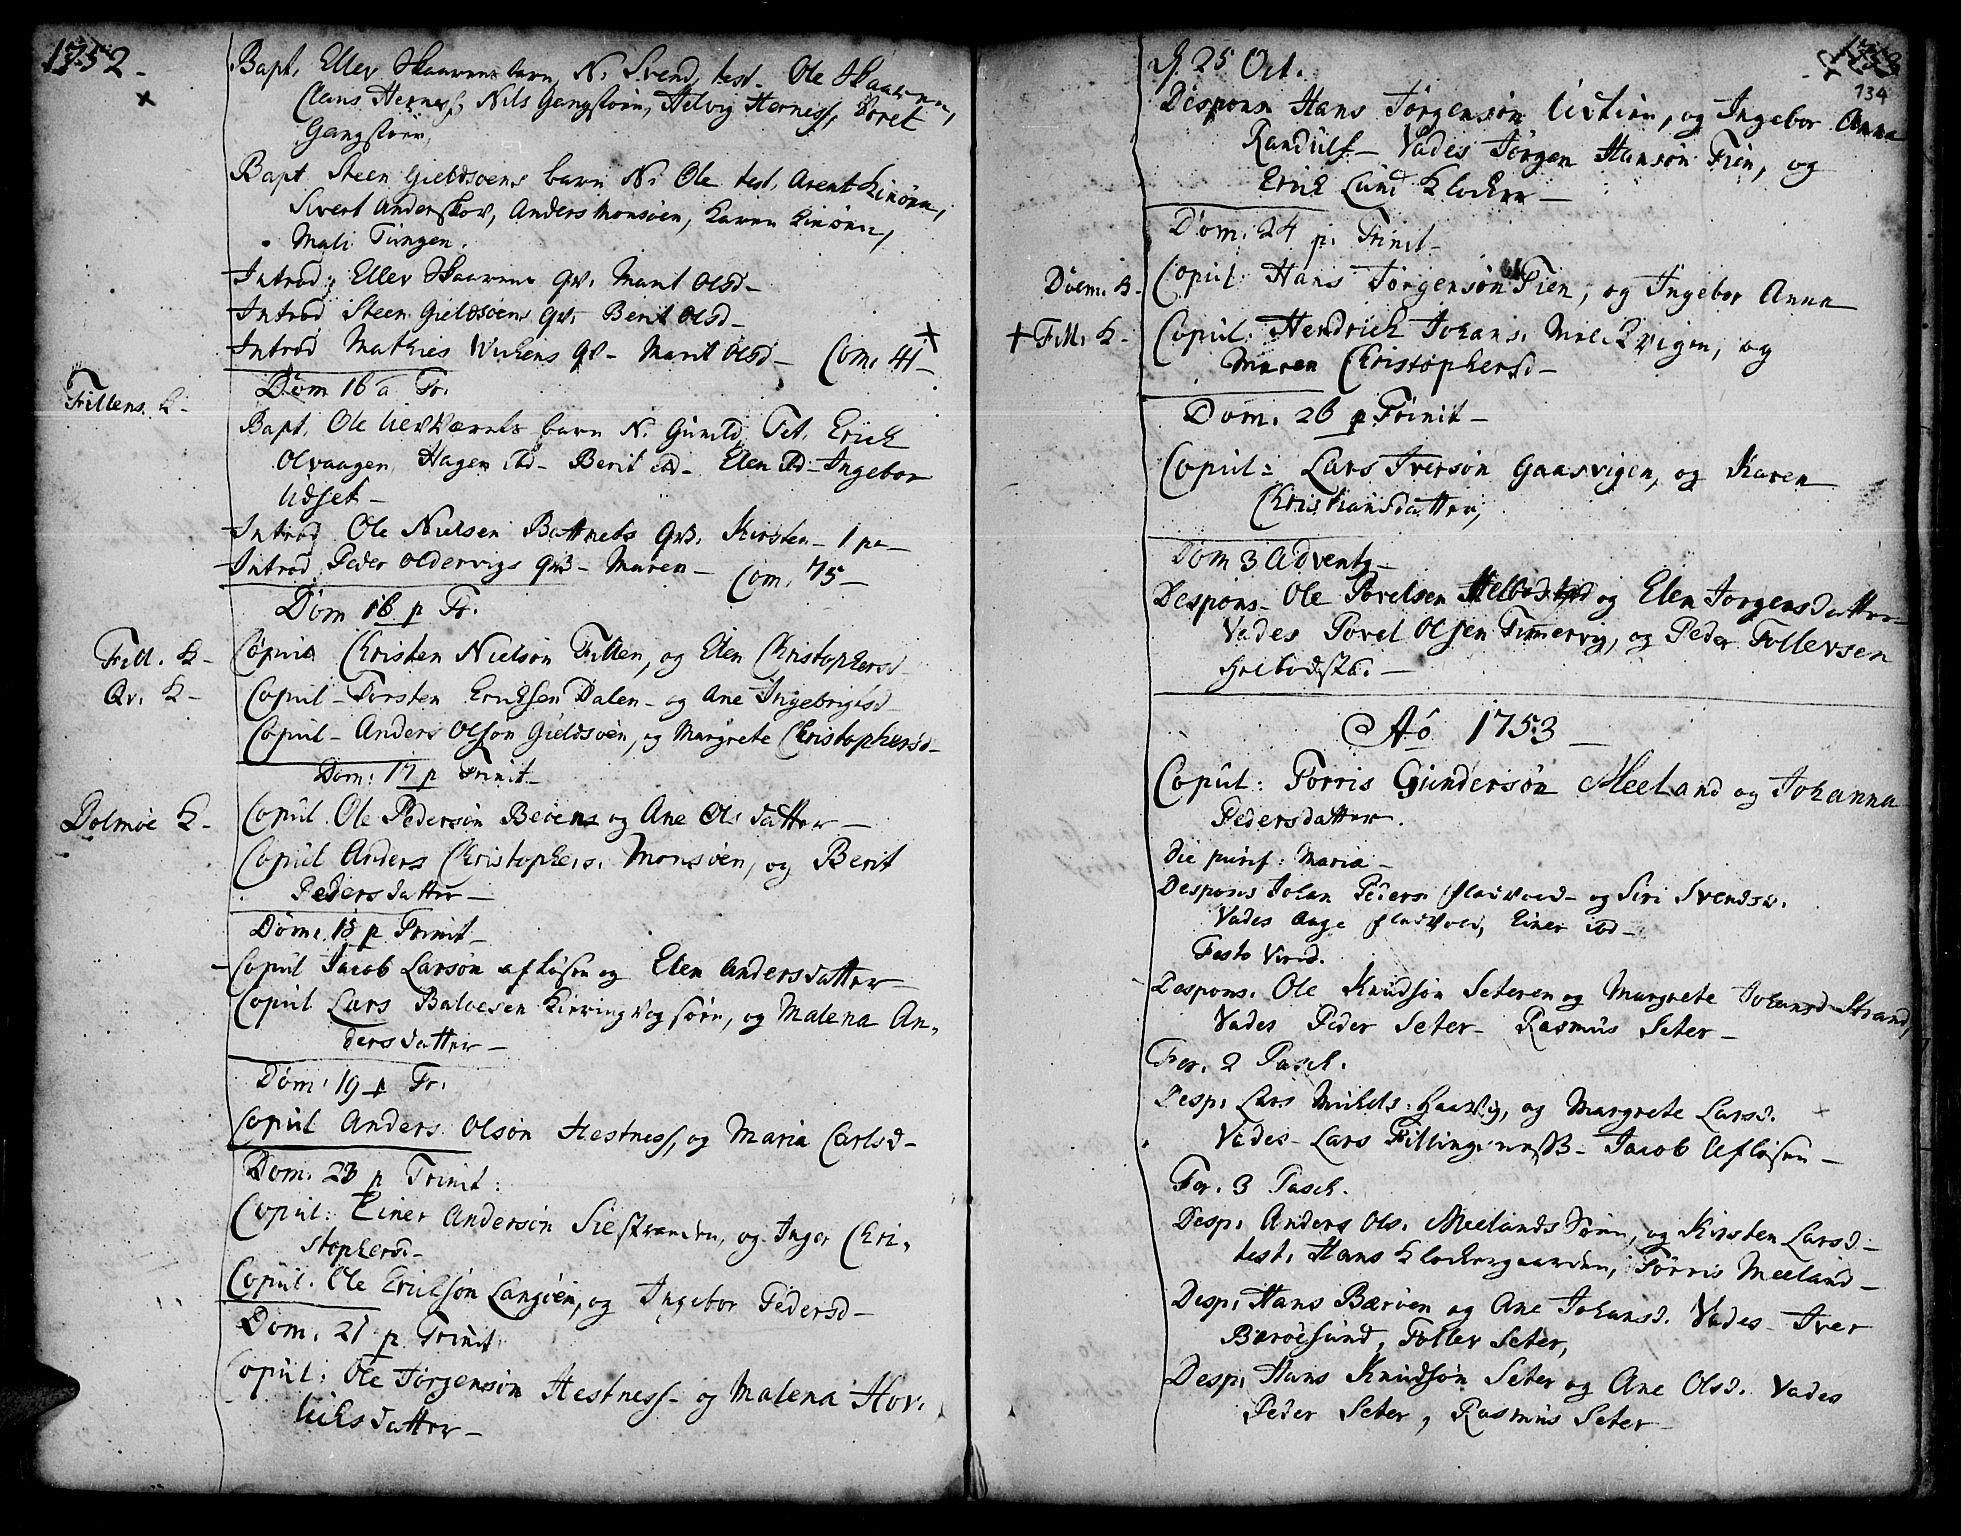 SAT, Ministerialprotokoller, klokkerbøker og fødselsregistre - Sør-Trøndelag, 634/L0525: Ministerialbok nr. 634A01, 1736-1775, s. 134